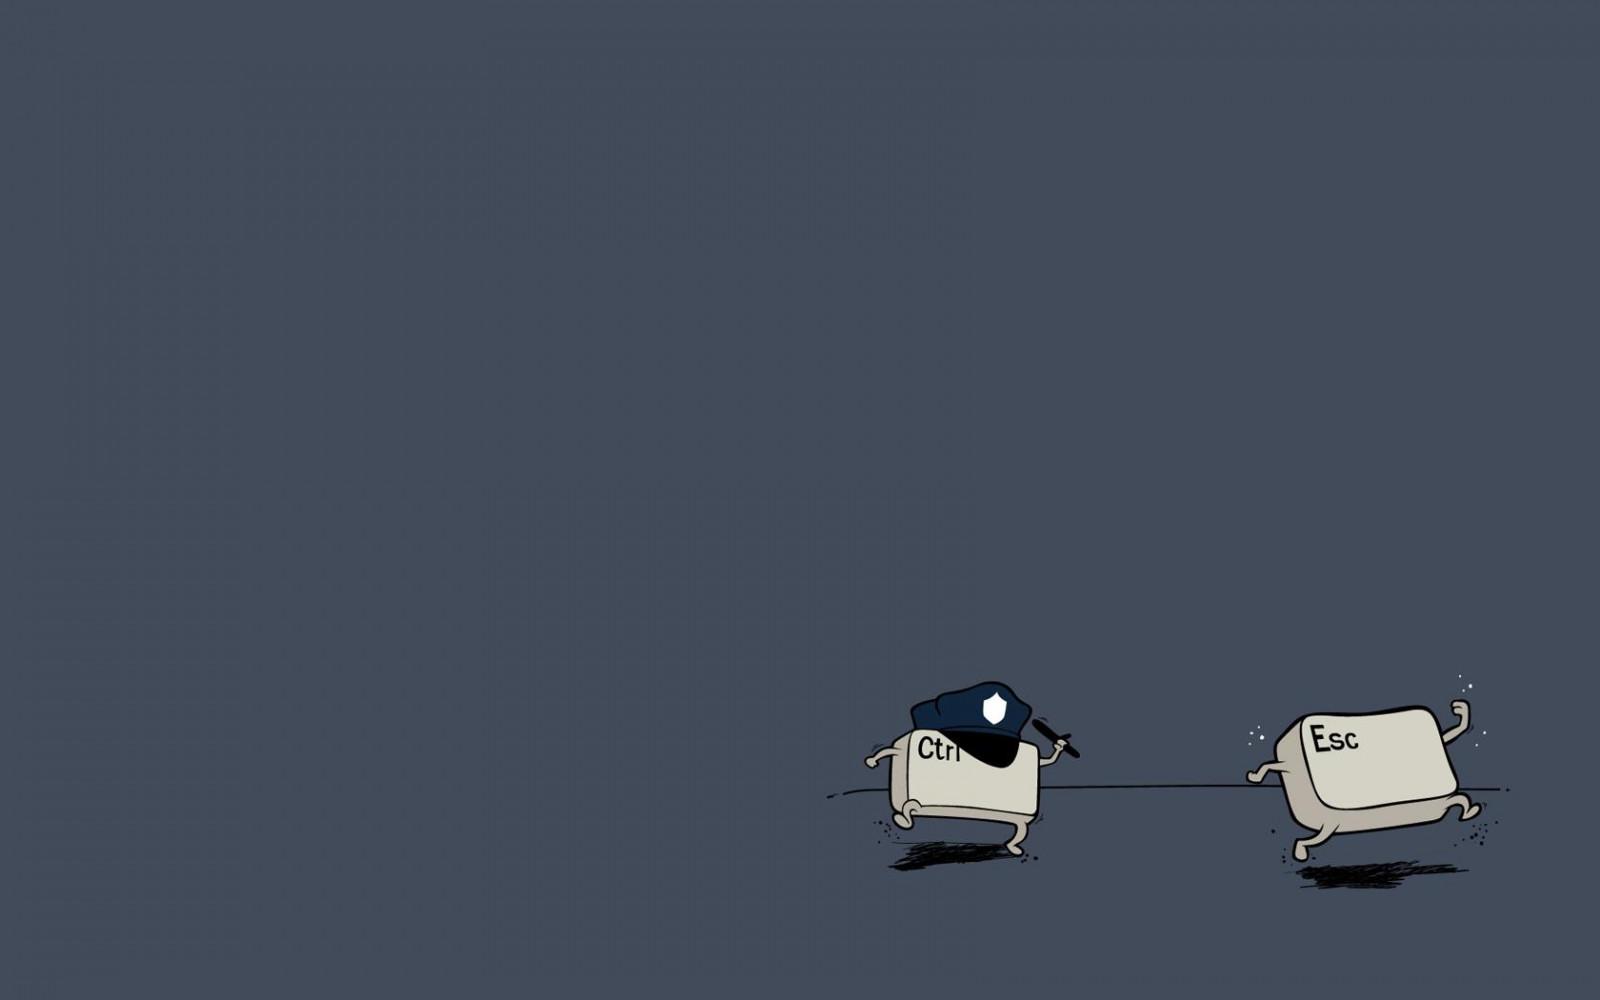 Fond d'écran : Fond simple, Minimalisme, humour, dessin animé, capture d'écran, Papier peint de ...